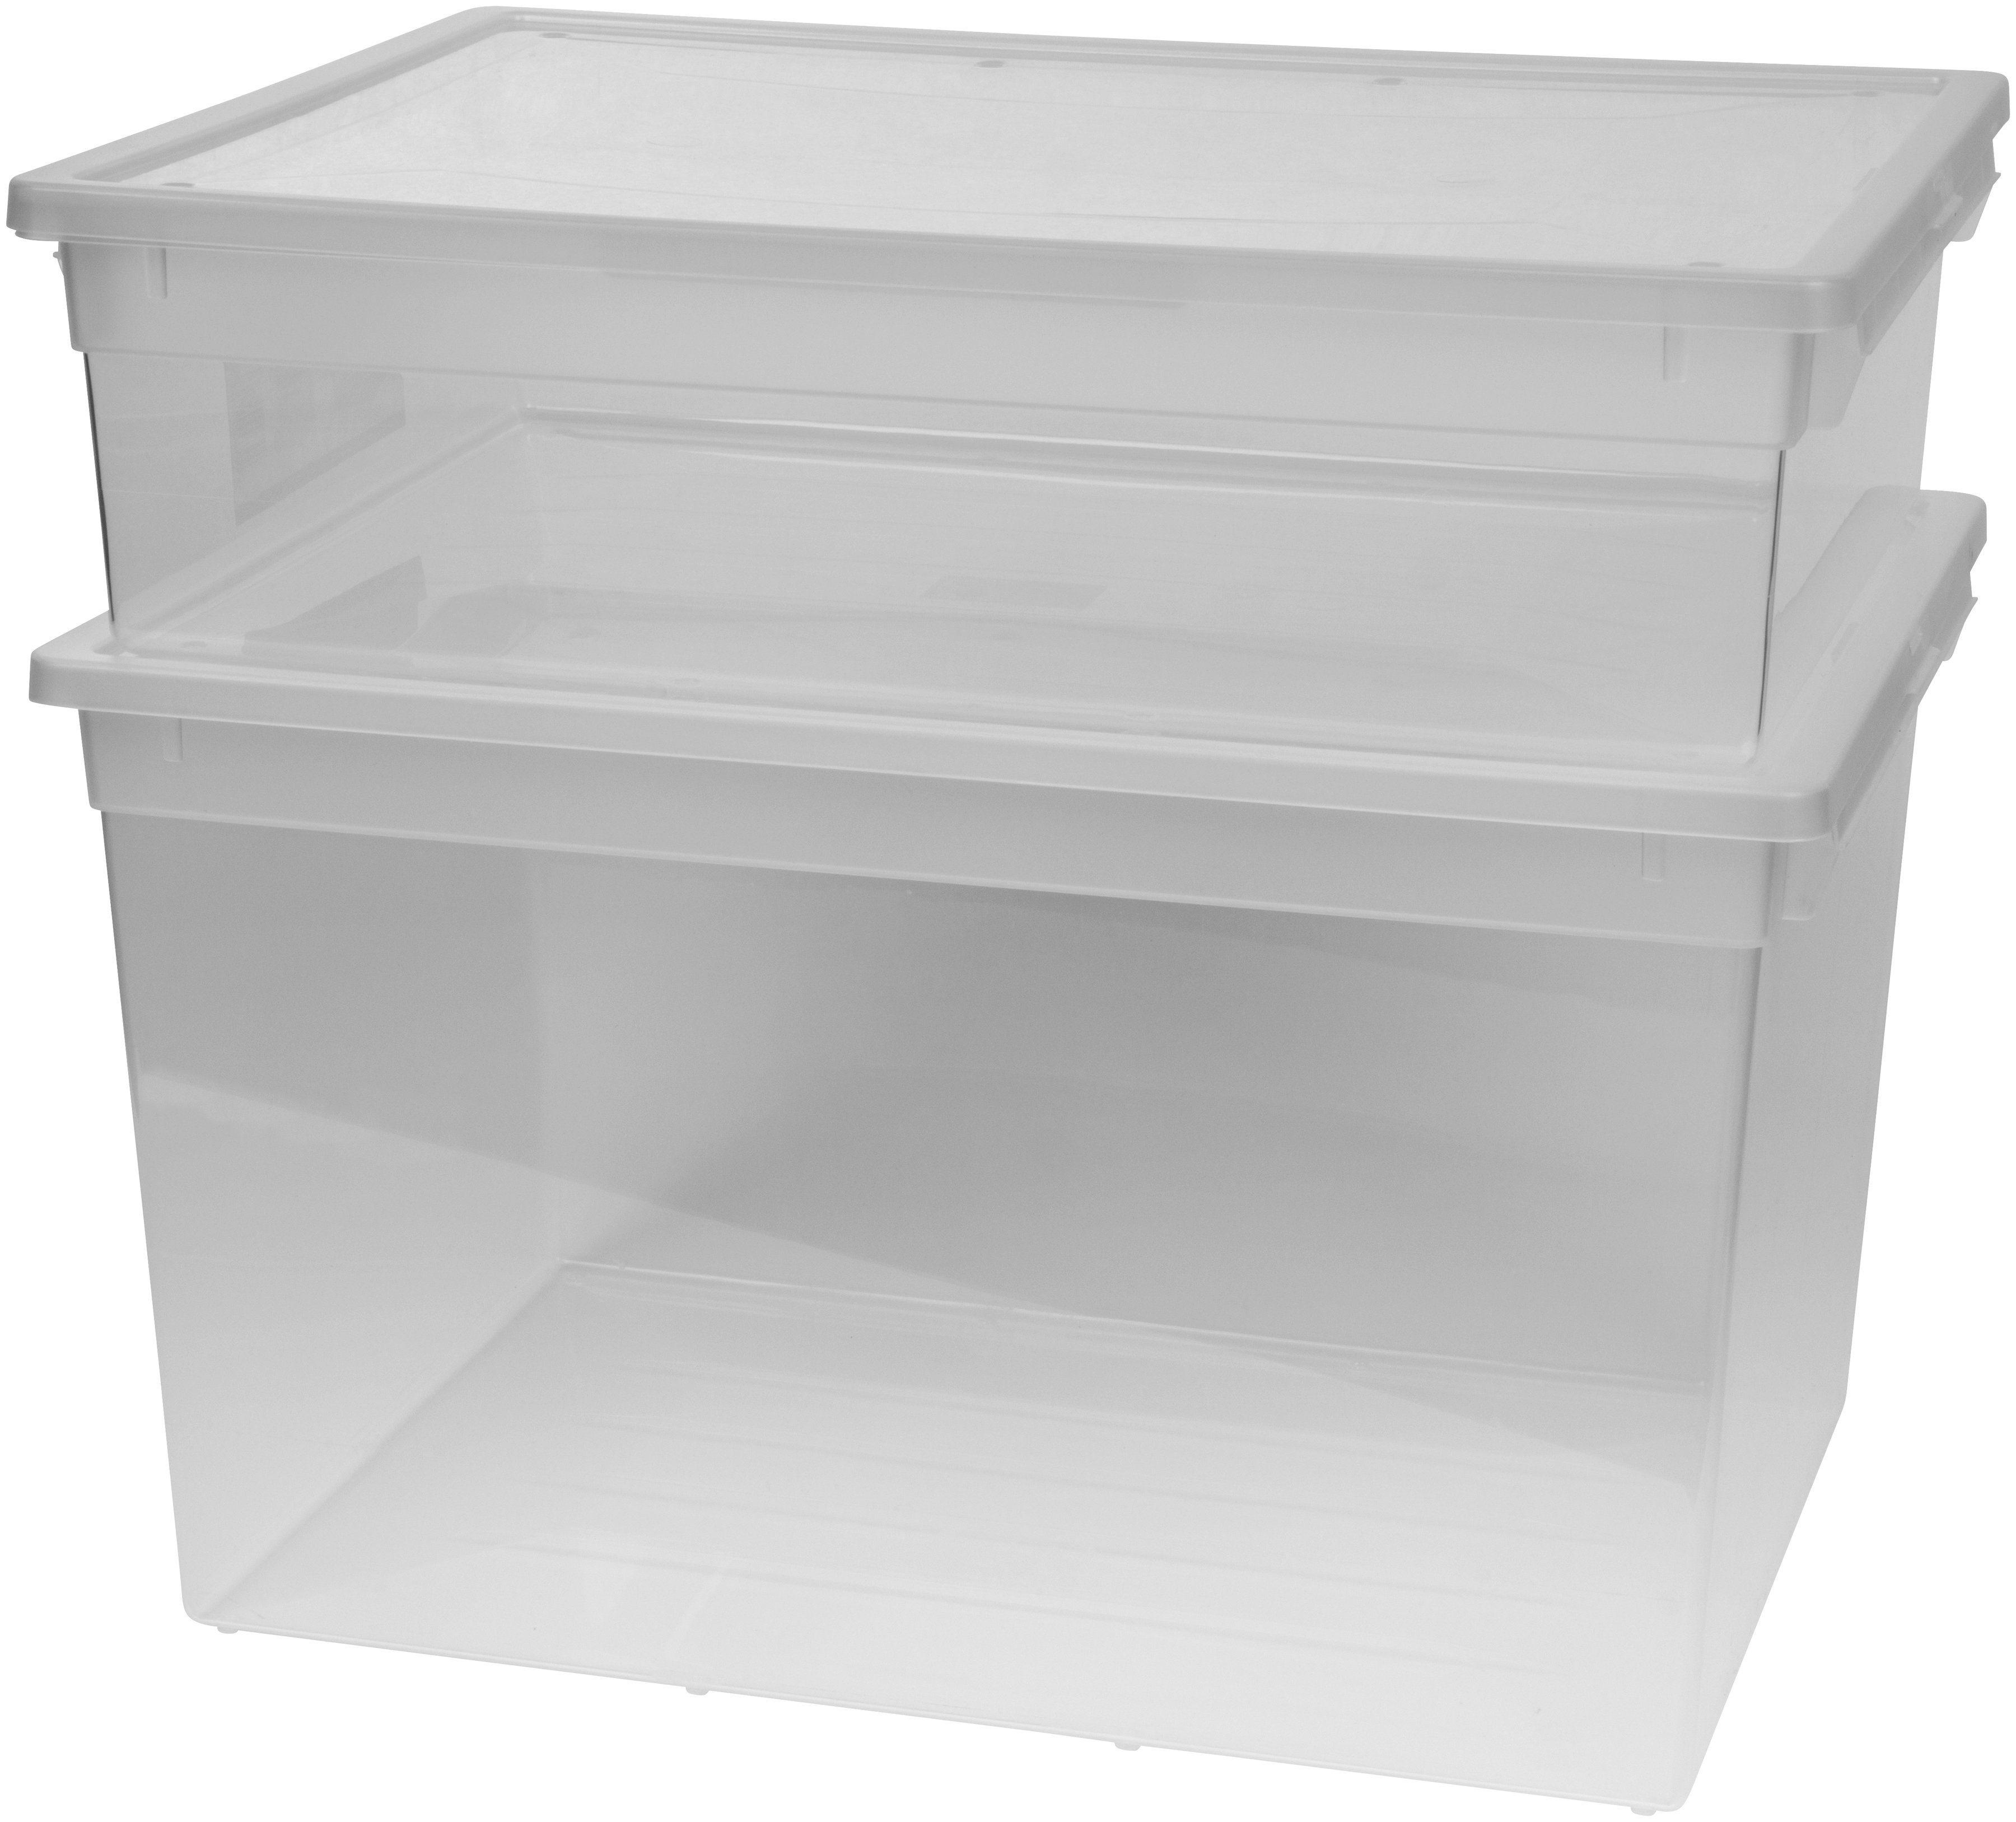 KREHER Aufbewahrungsbox »1x 22 Liter, 1x 50 Liter, mit Deckel« 2er Set